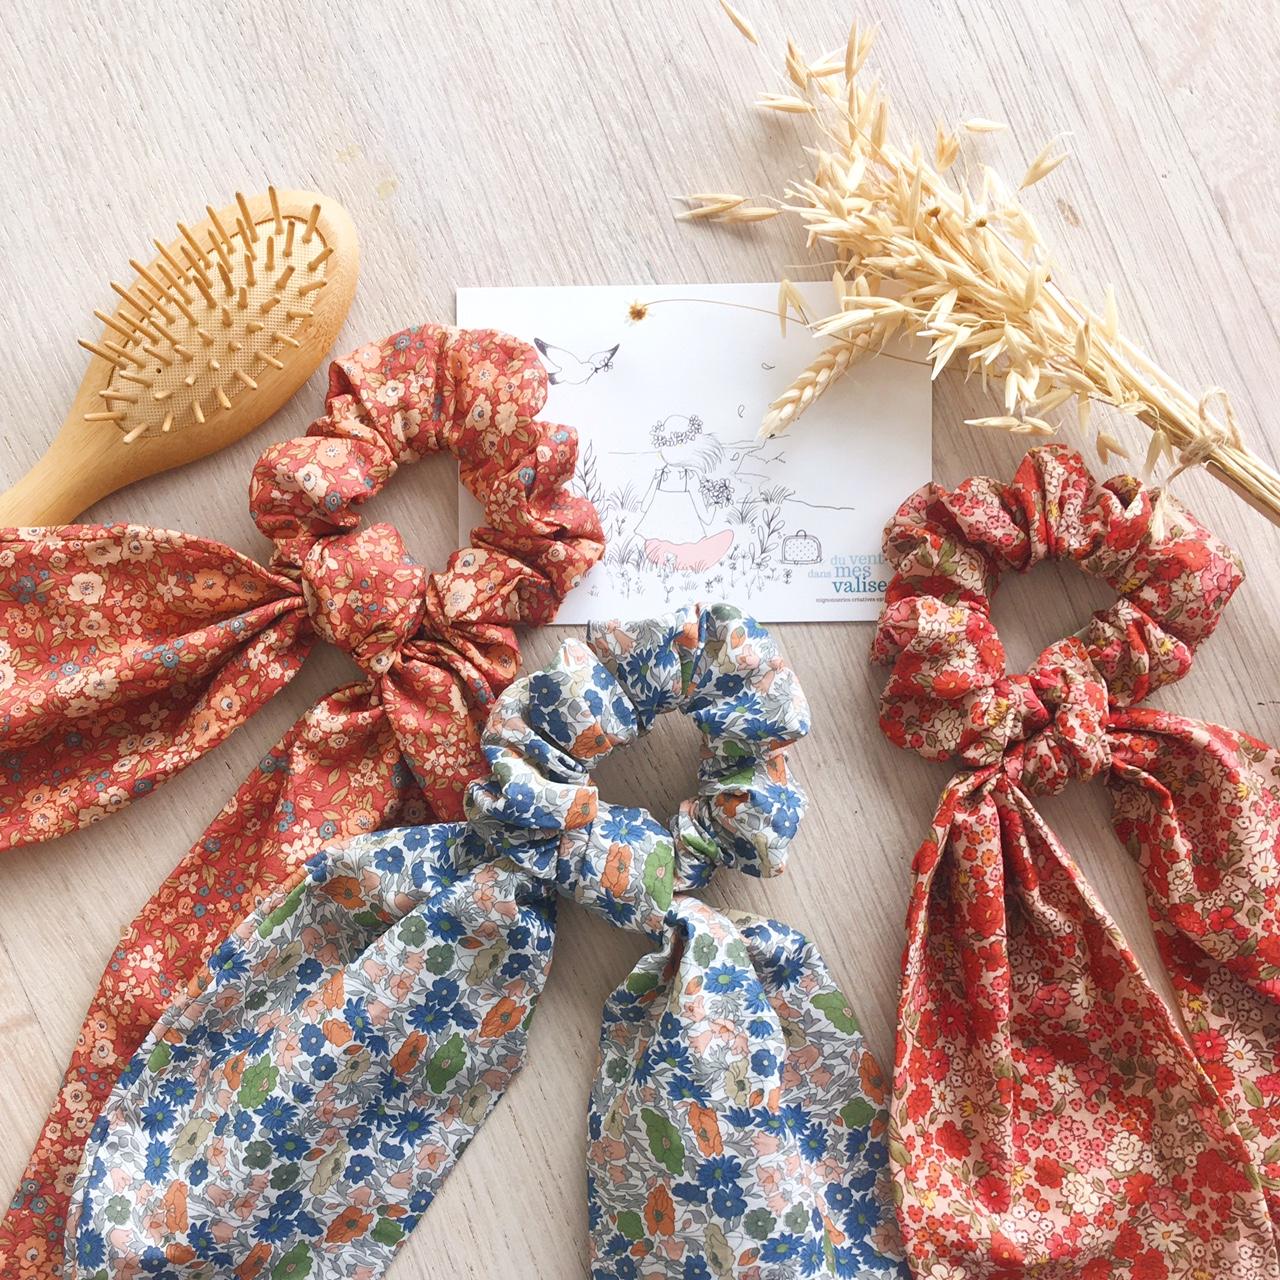 foulchies chics fabrication artisanale française en coton - du vent dans mes valises